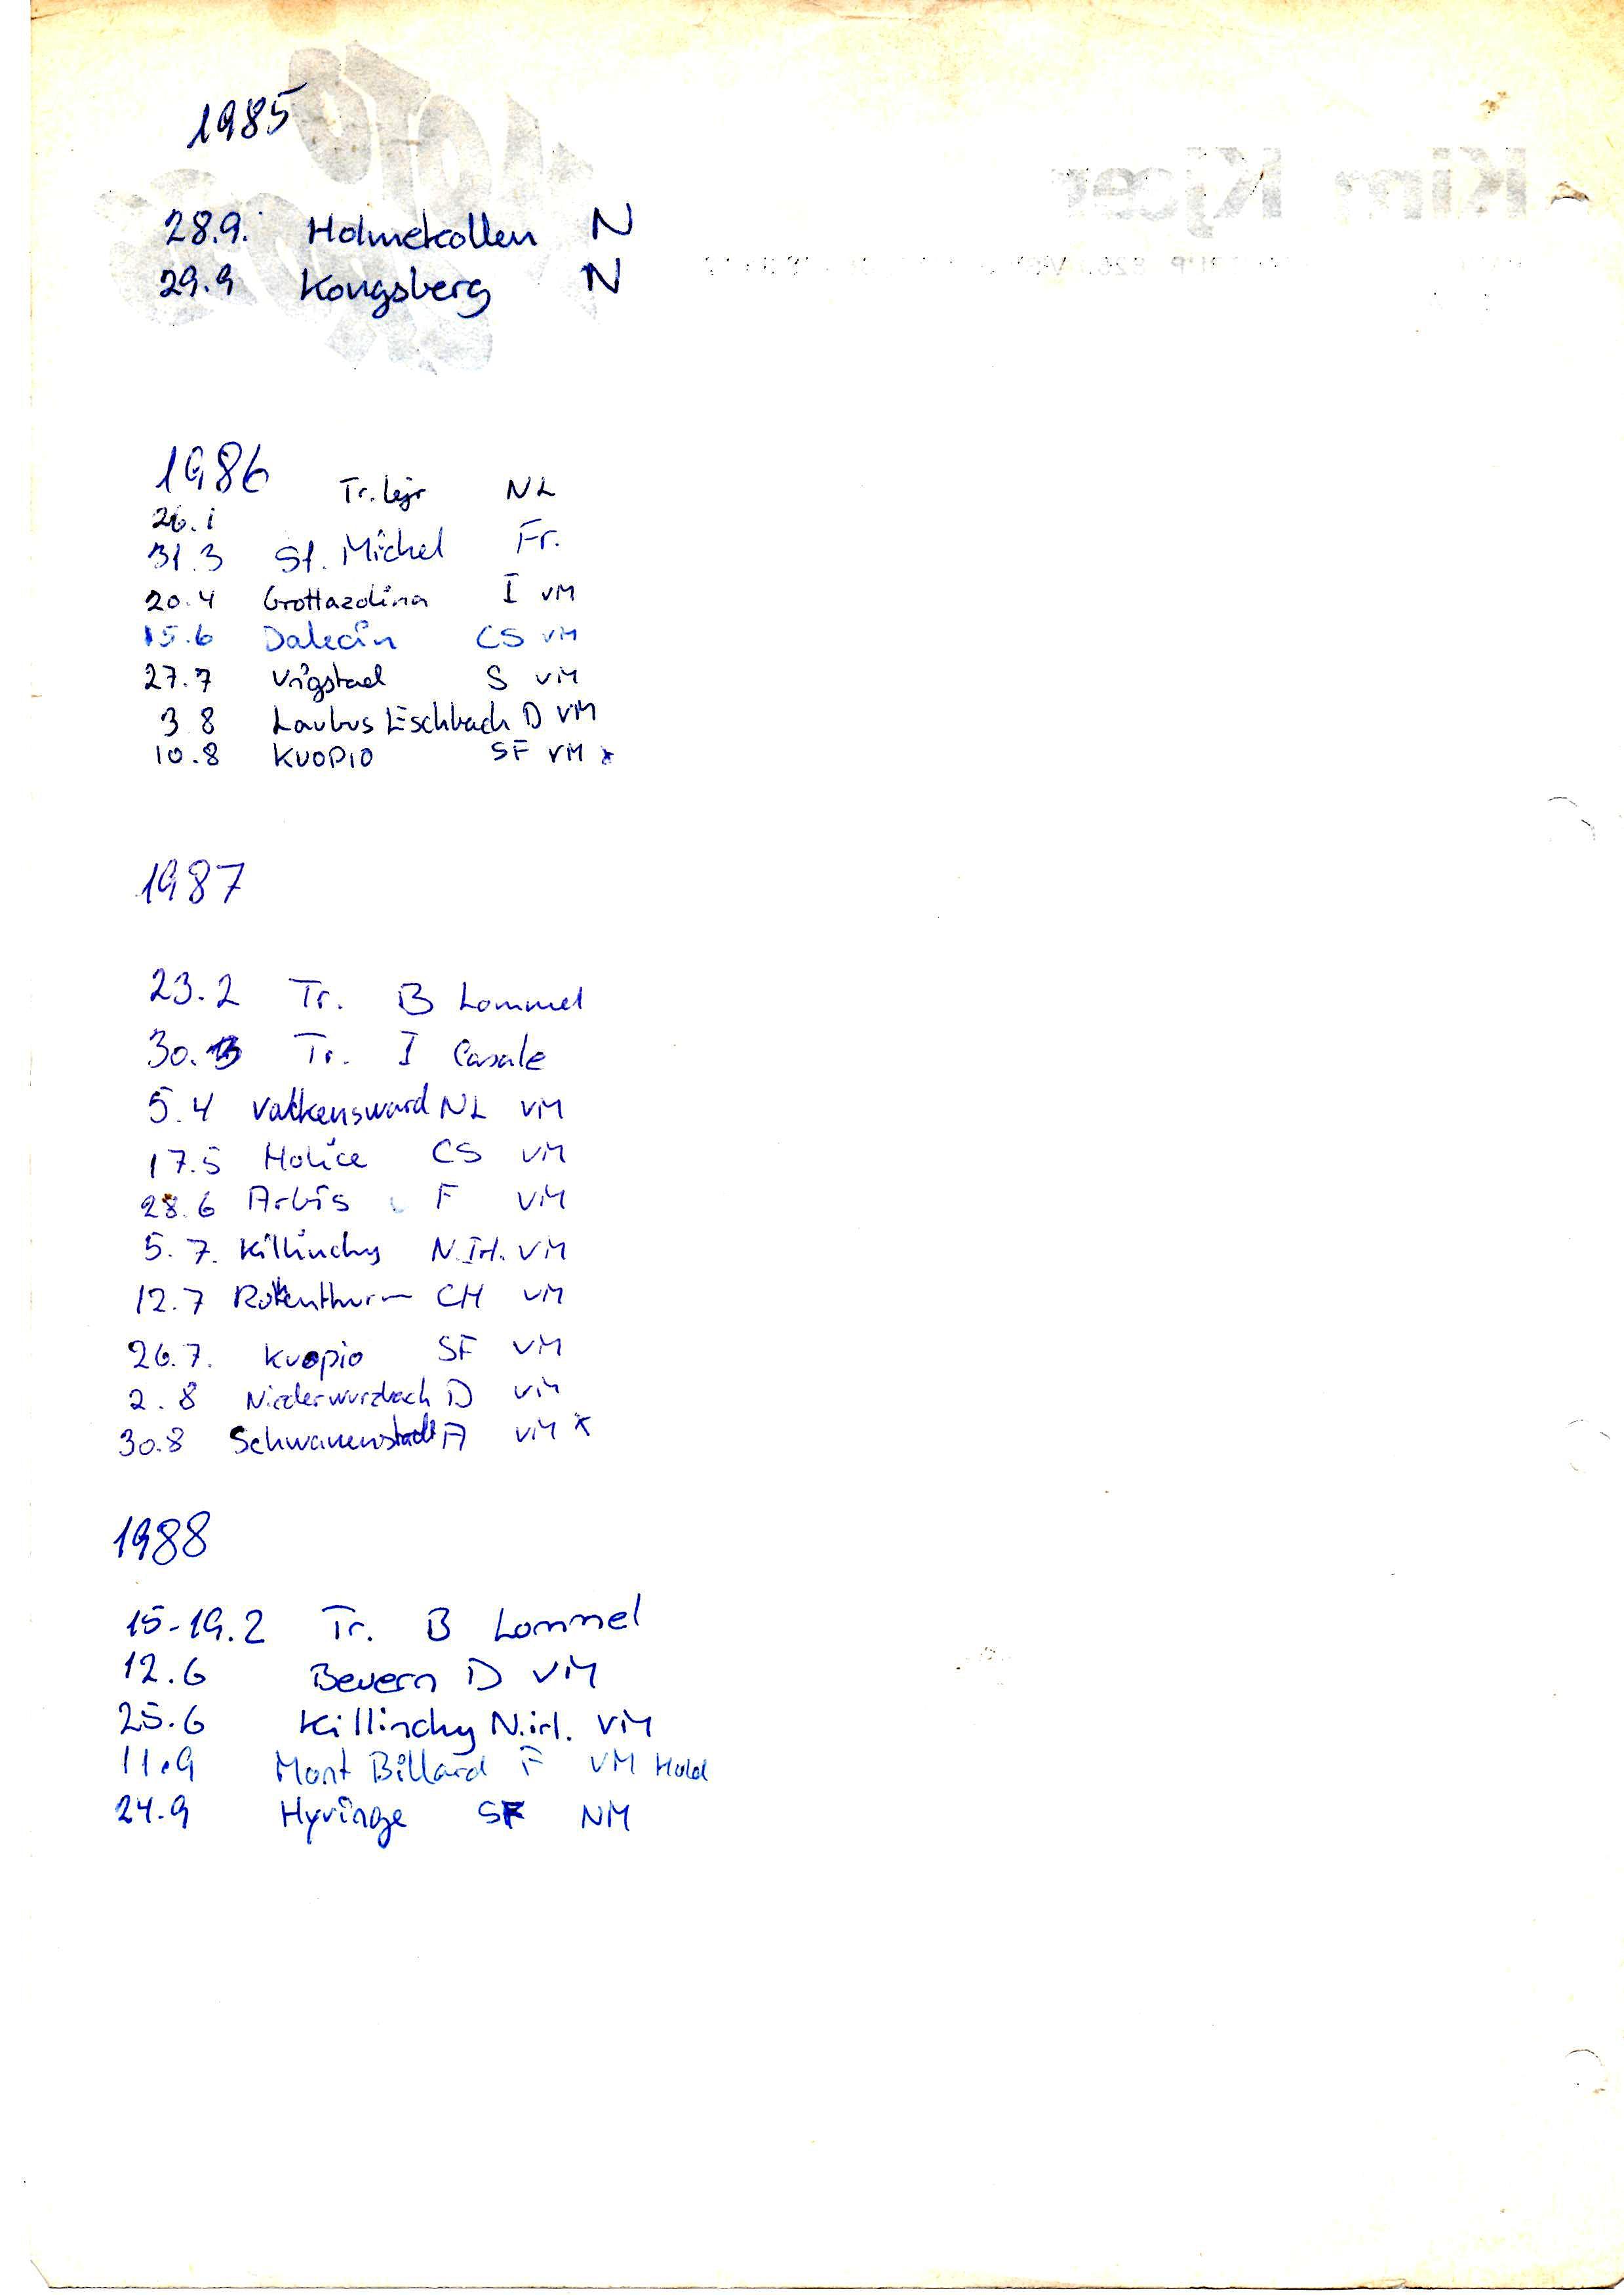 Udenlands deltagelse 79-88 img2